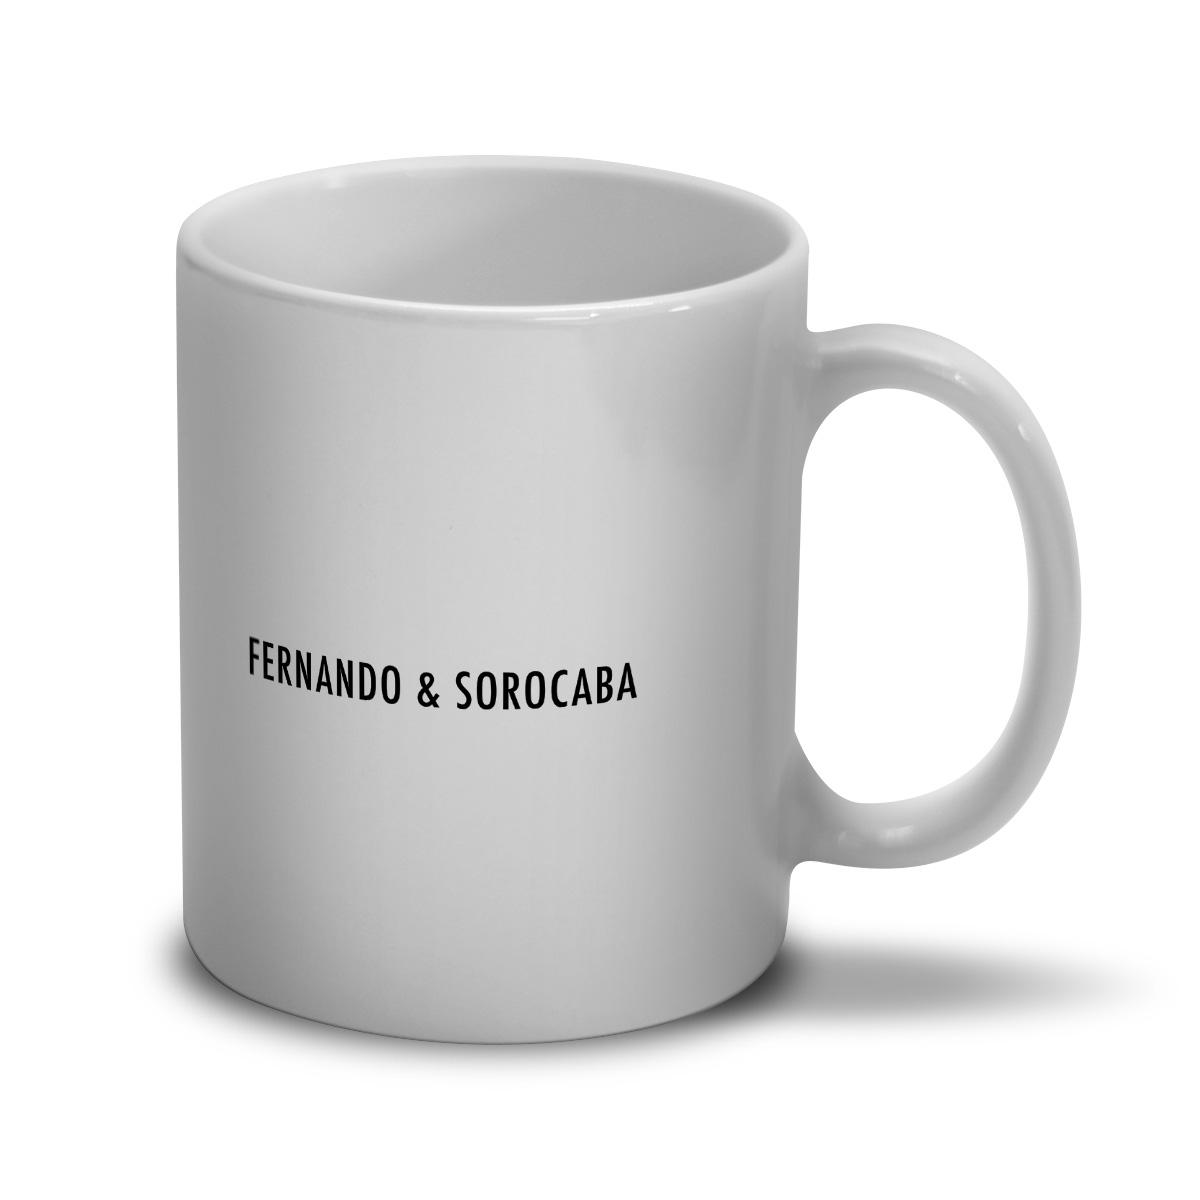 Caneca Fernando e Sorocaba Bobeia Pra Ver Type